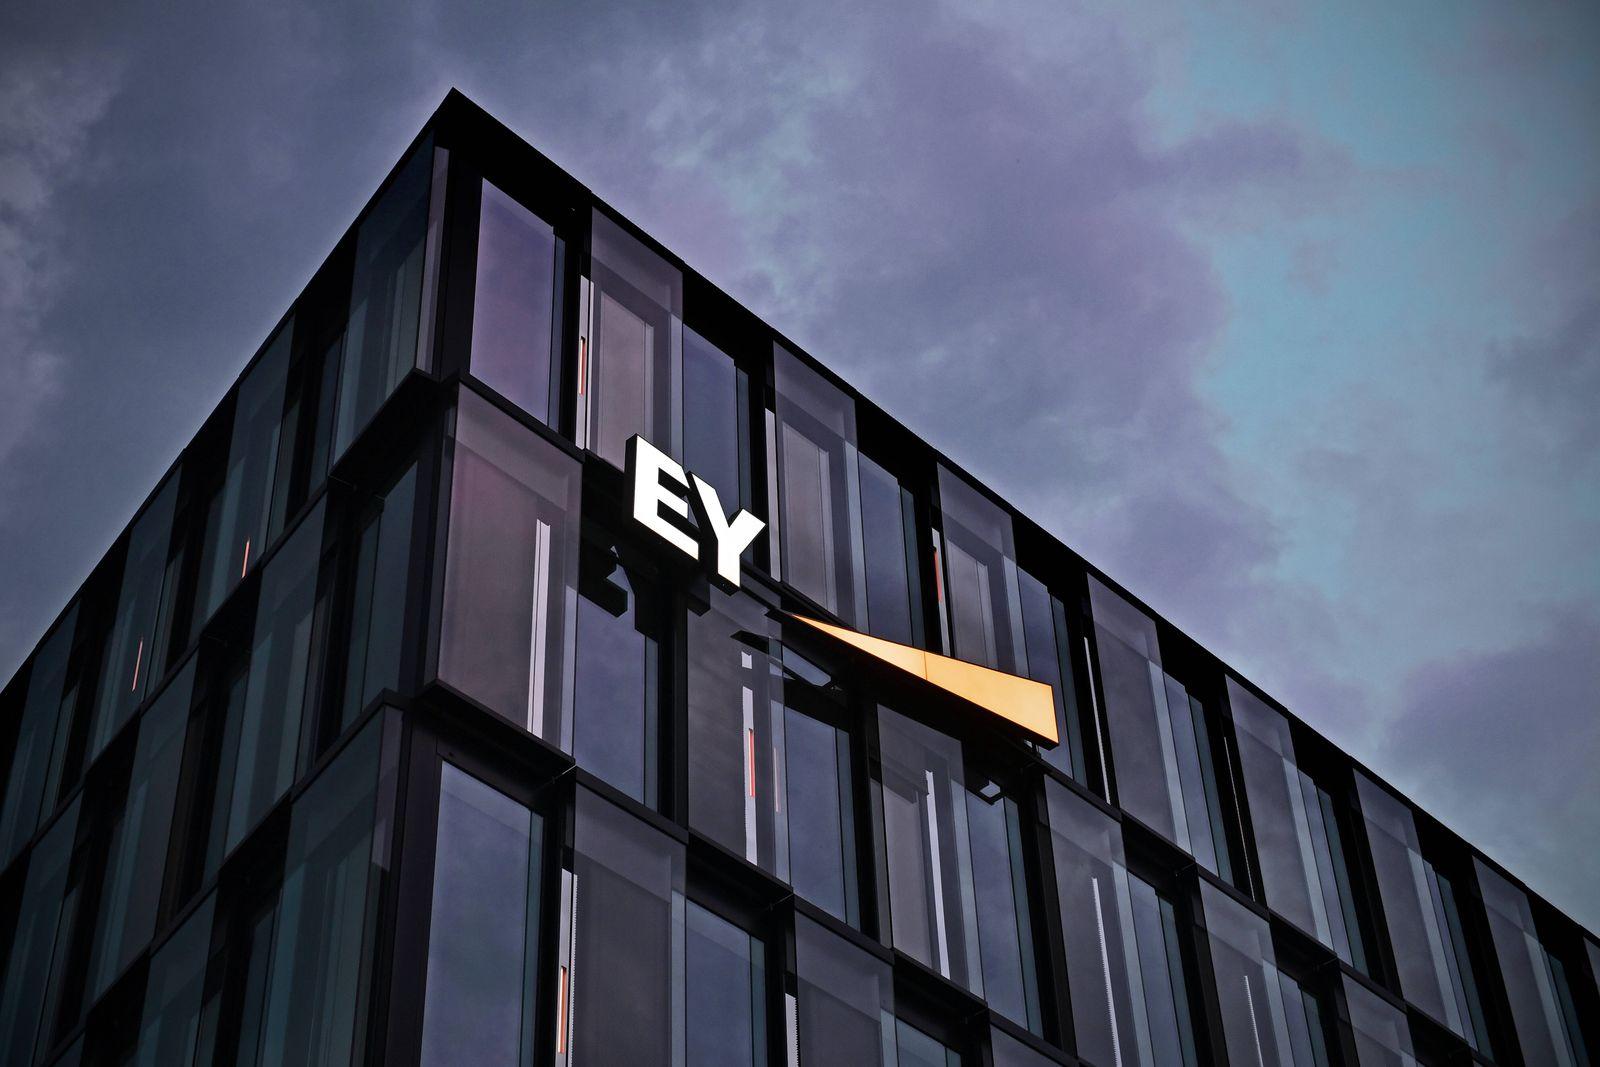 Buerogebaeude Ernst &Young, EY GmbH Wirtschaftspruefungsgesellschaft in Muenchen. Ernst & Young ist ein unter dem Kuerze